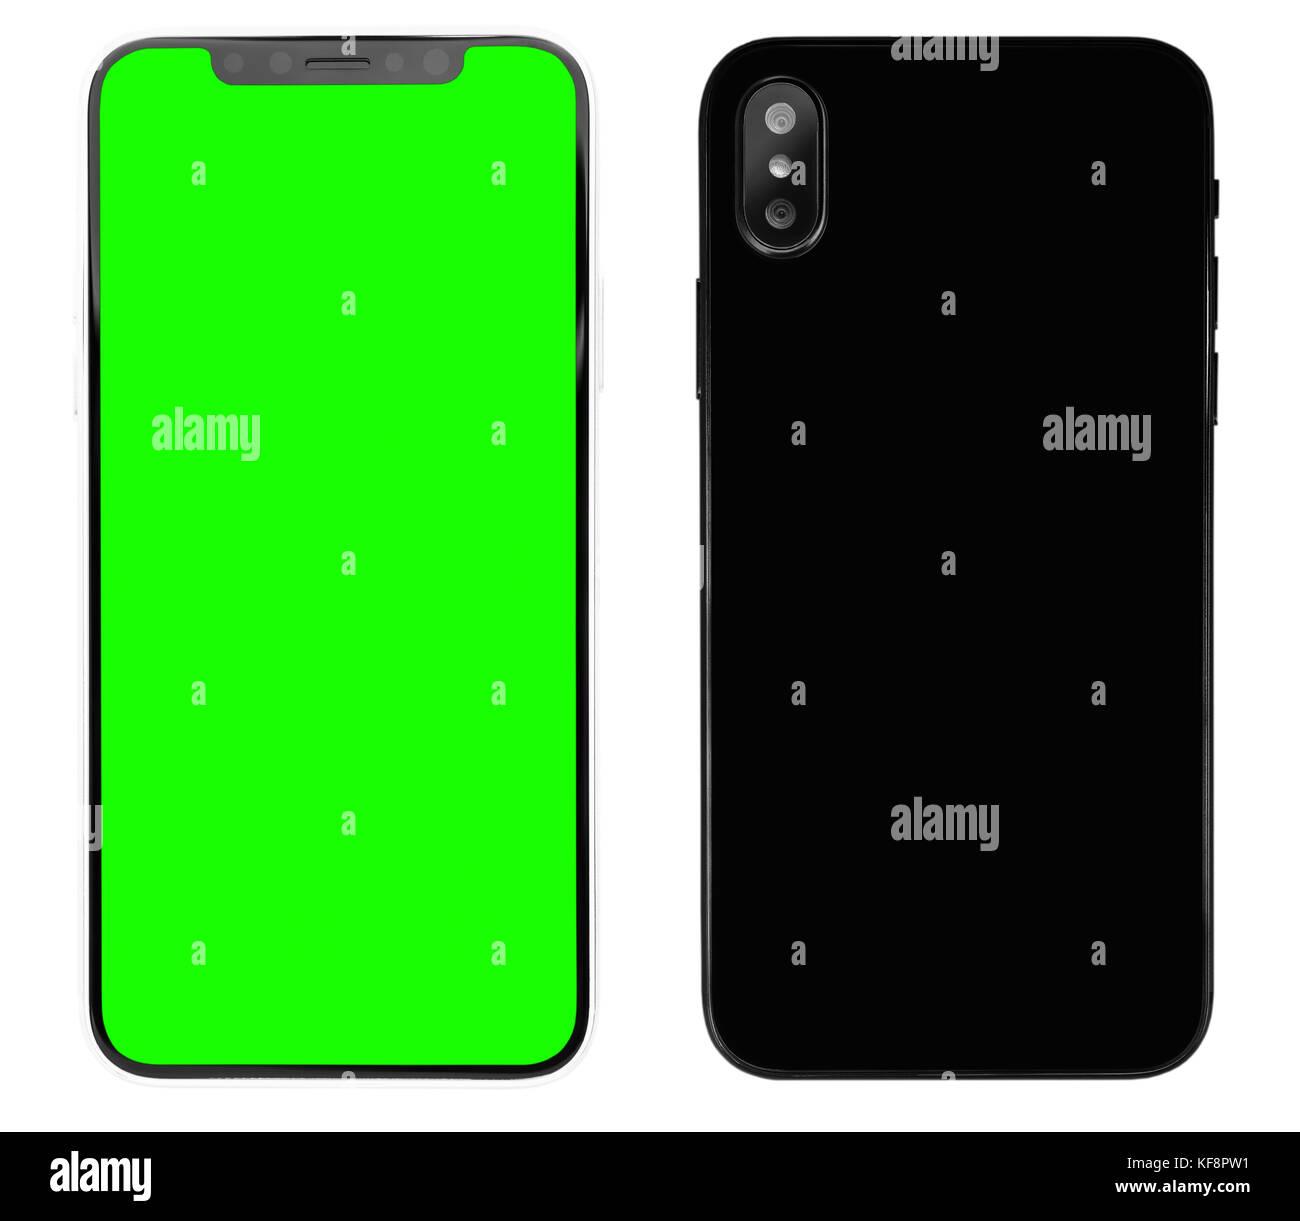 Nuova Smart Phone è Simile A Iphone X Modello Isolato Su Sfondo